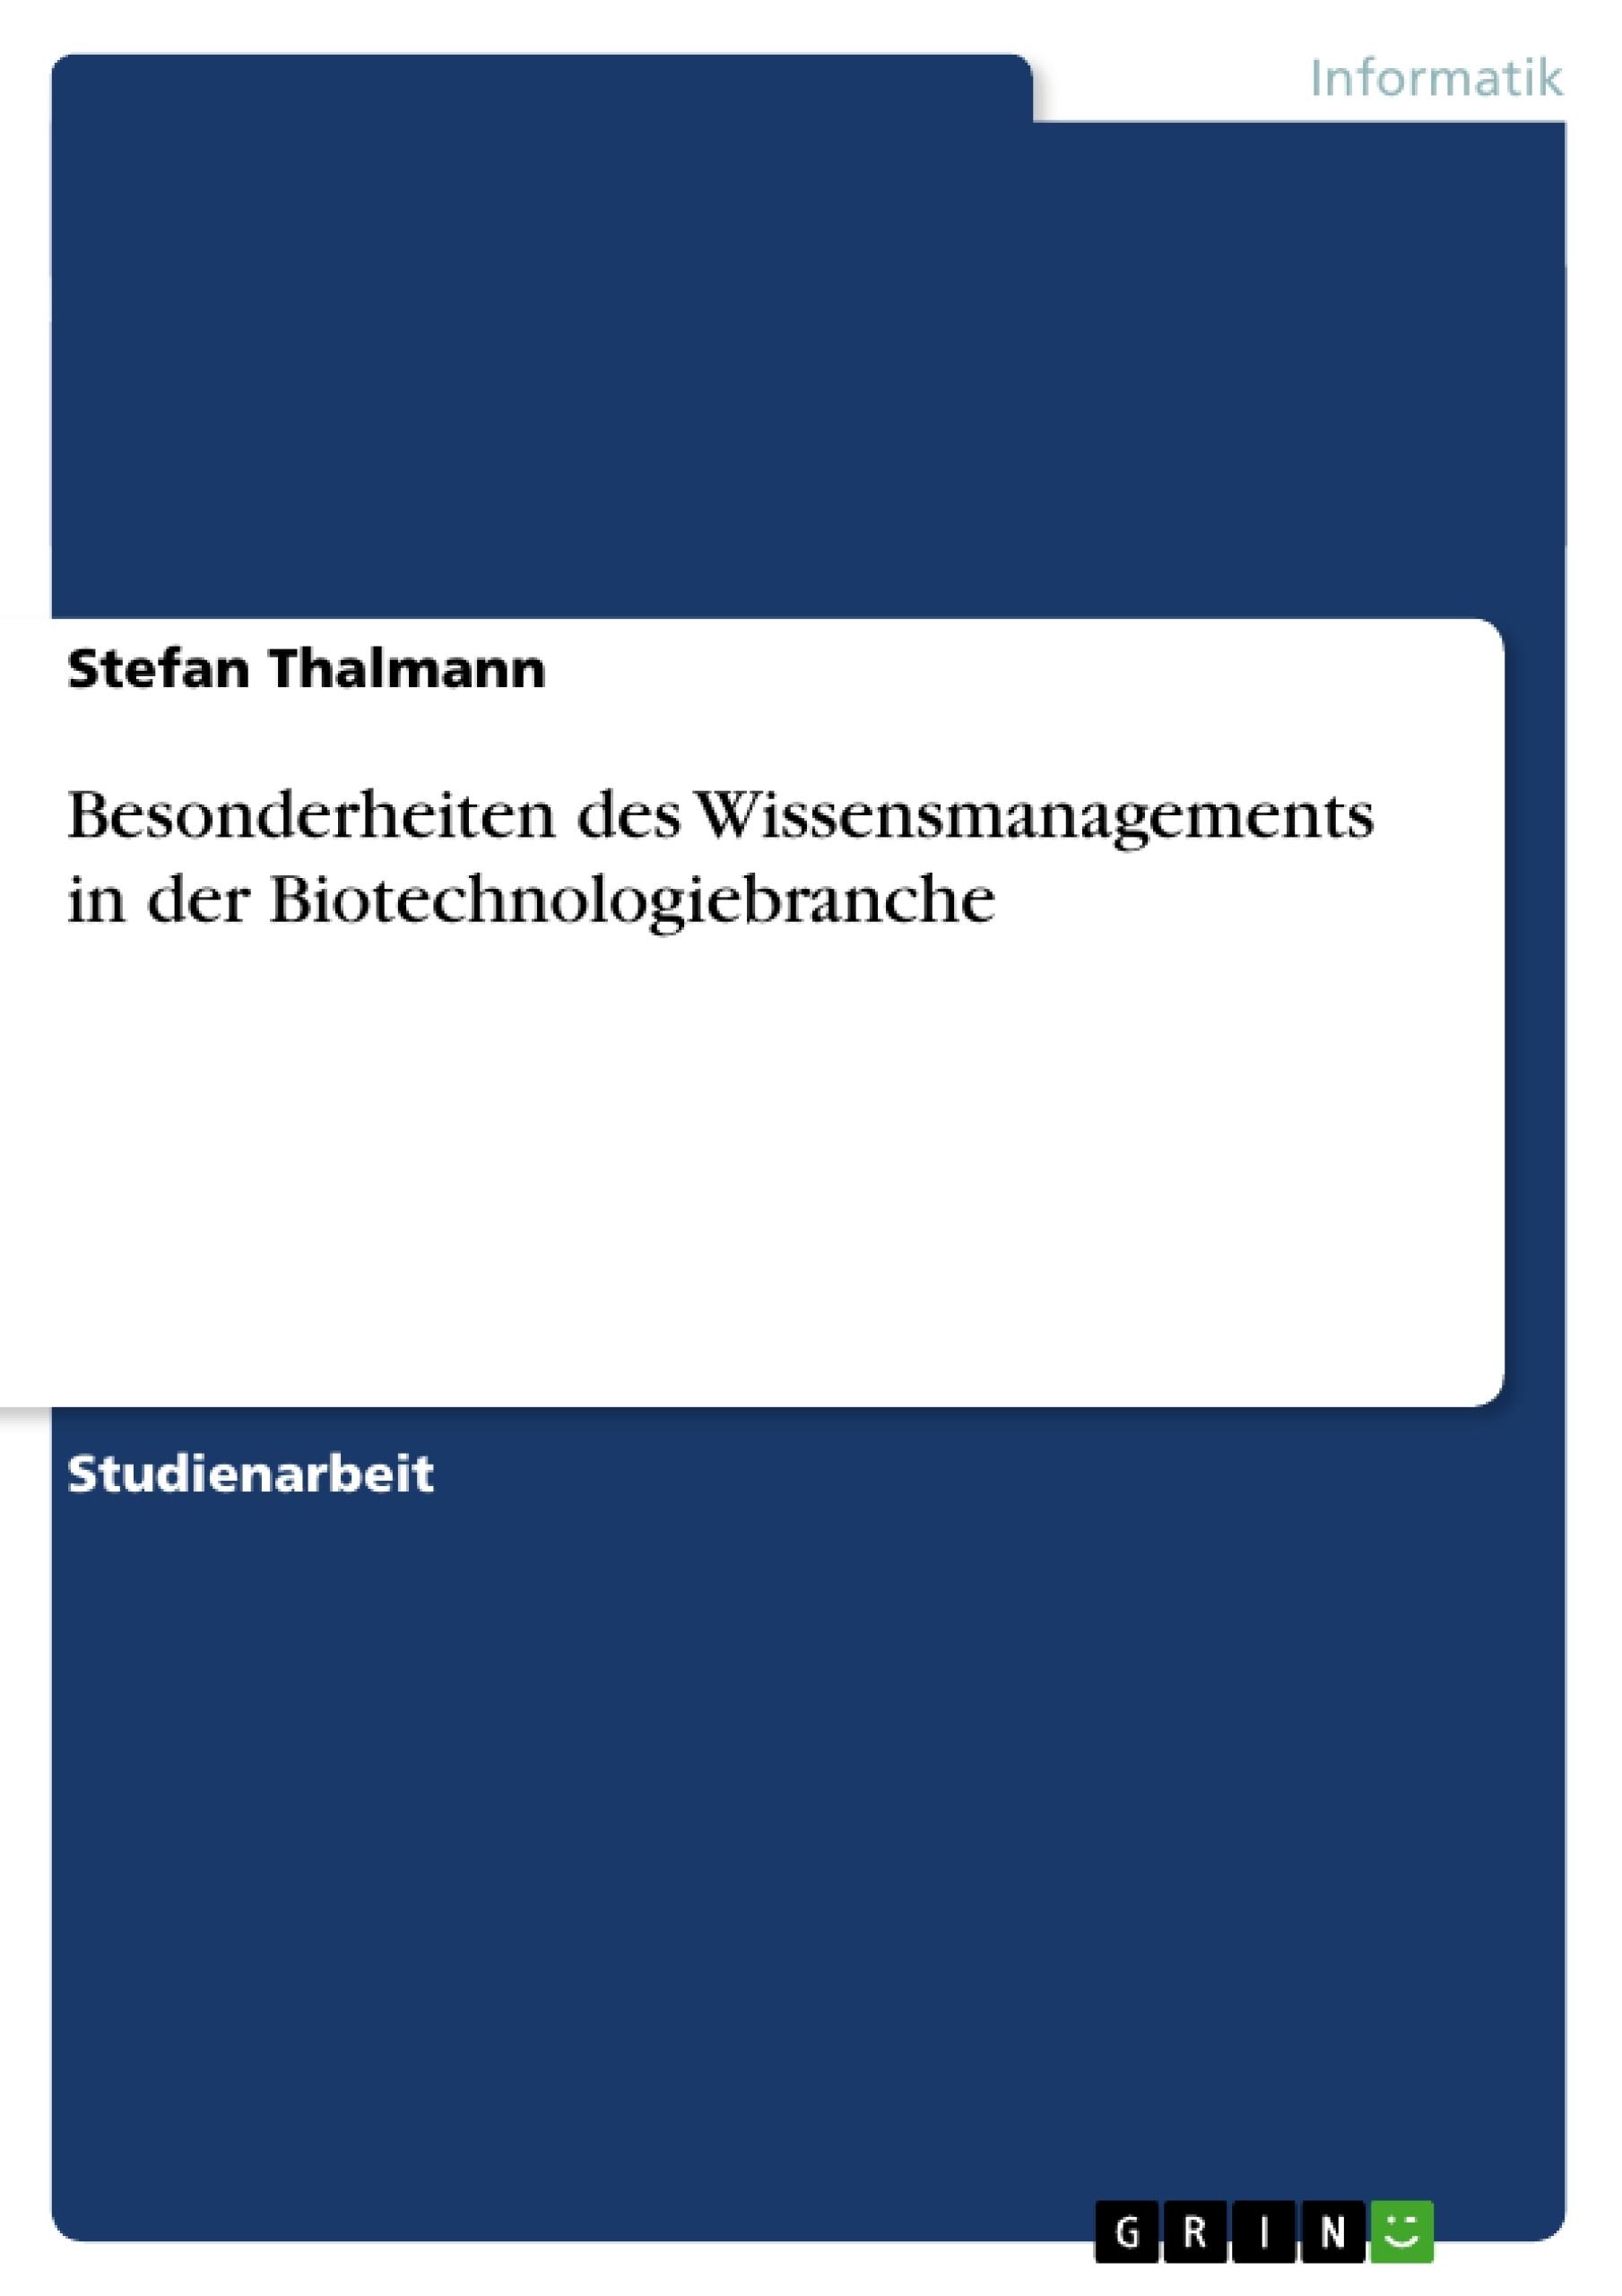 Titel: Besonderheiten des Wissensmanagements in der Biotechnologiebranche